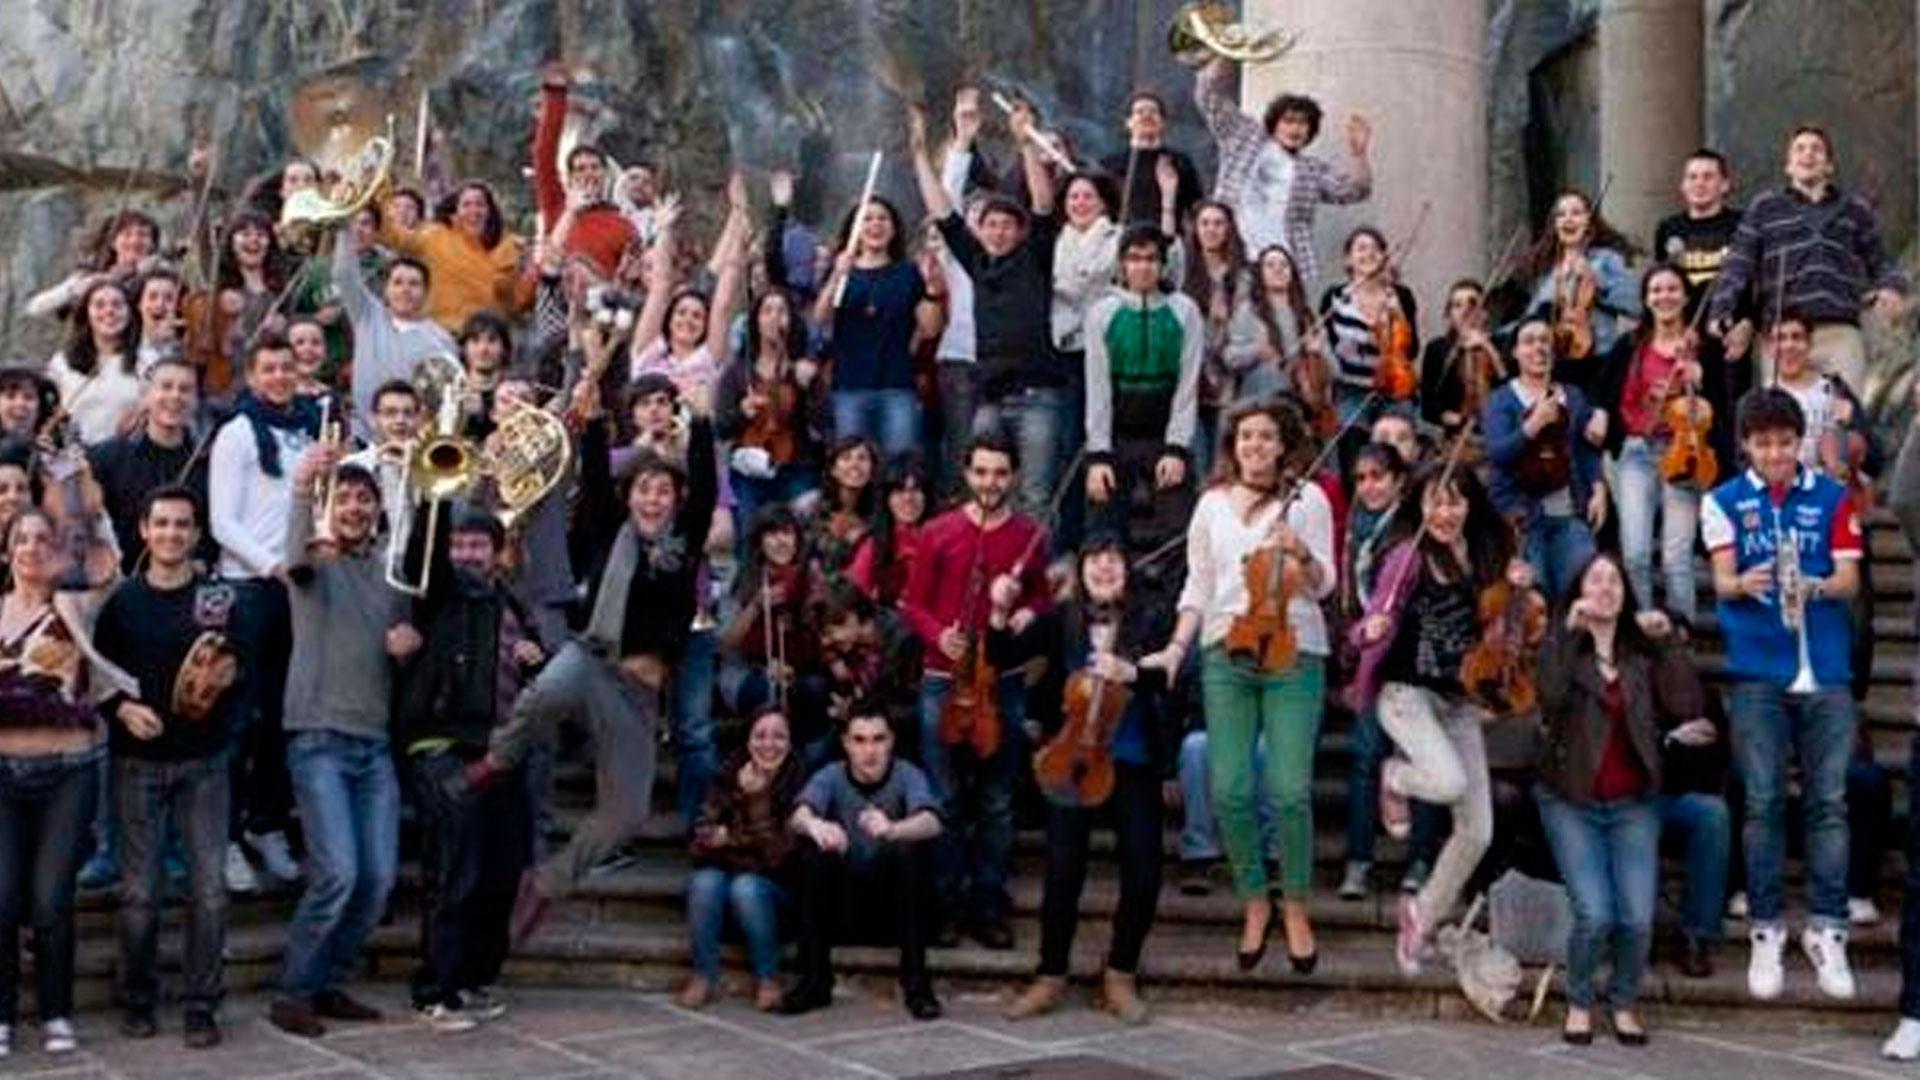 SonFuturo celebra su veinte aniversario con un concierto de la Orquesta Joven de la OSG bajo la dirección de James Ross